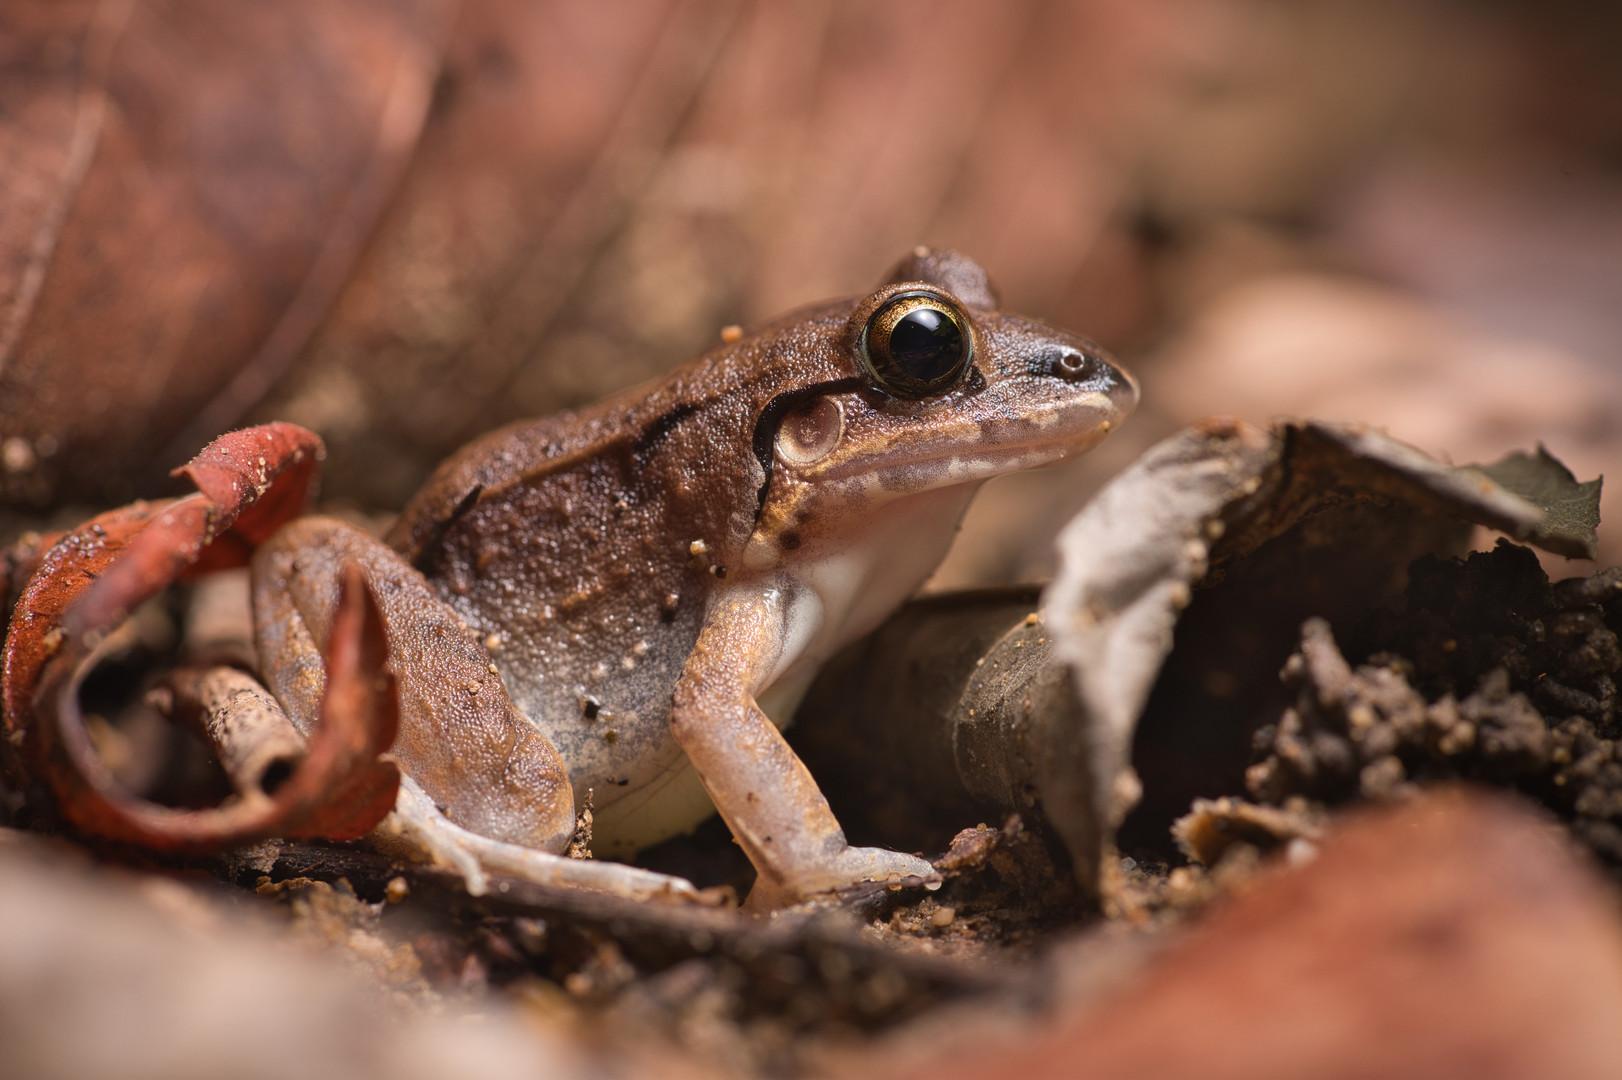 Leptodactylus poecilochilus - Dibulla, Guajira, Colombia